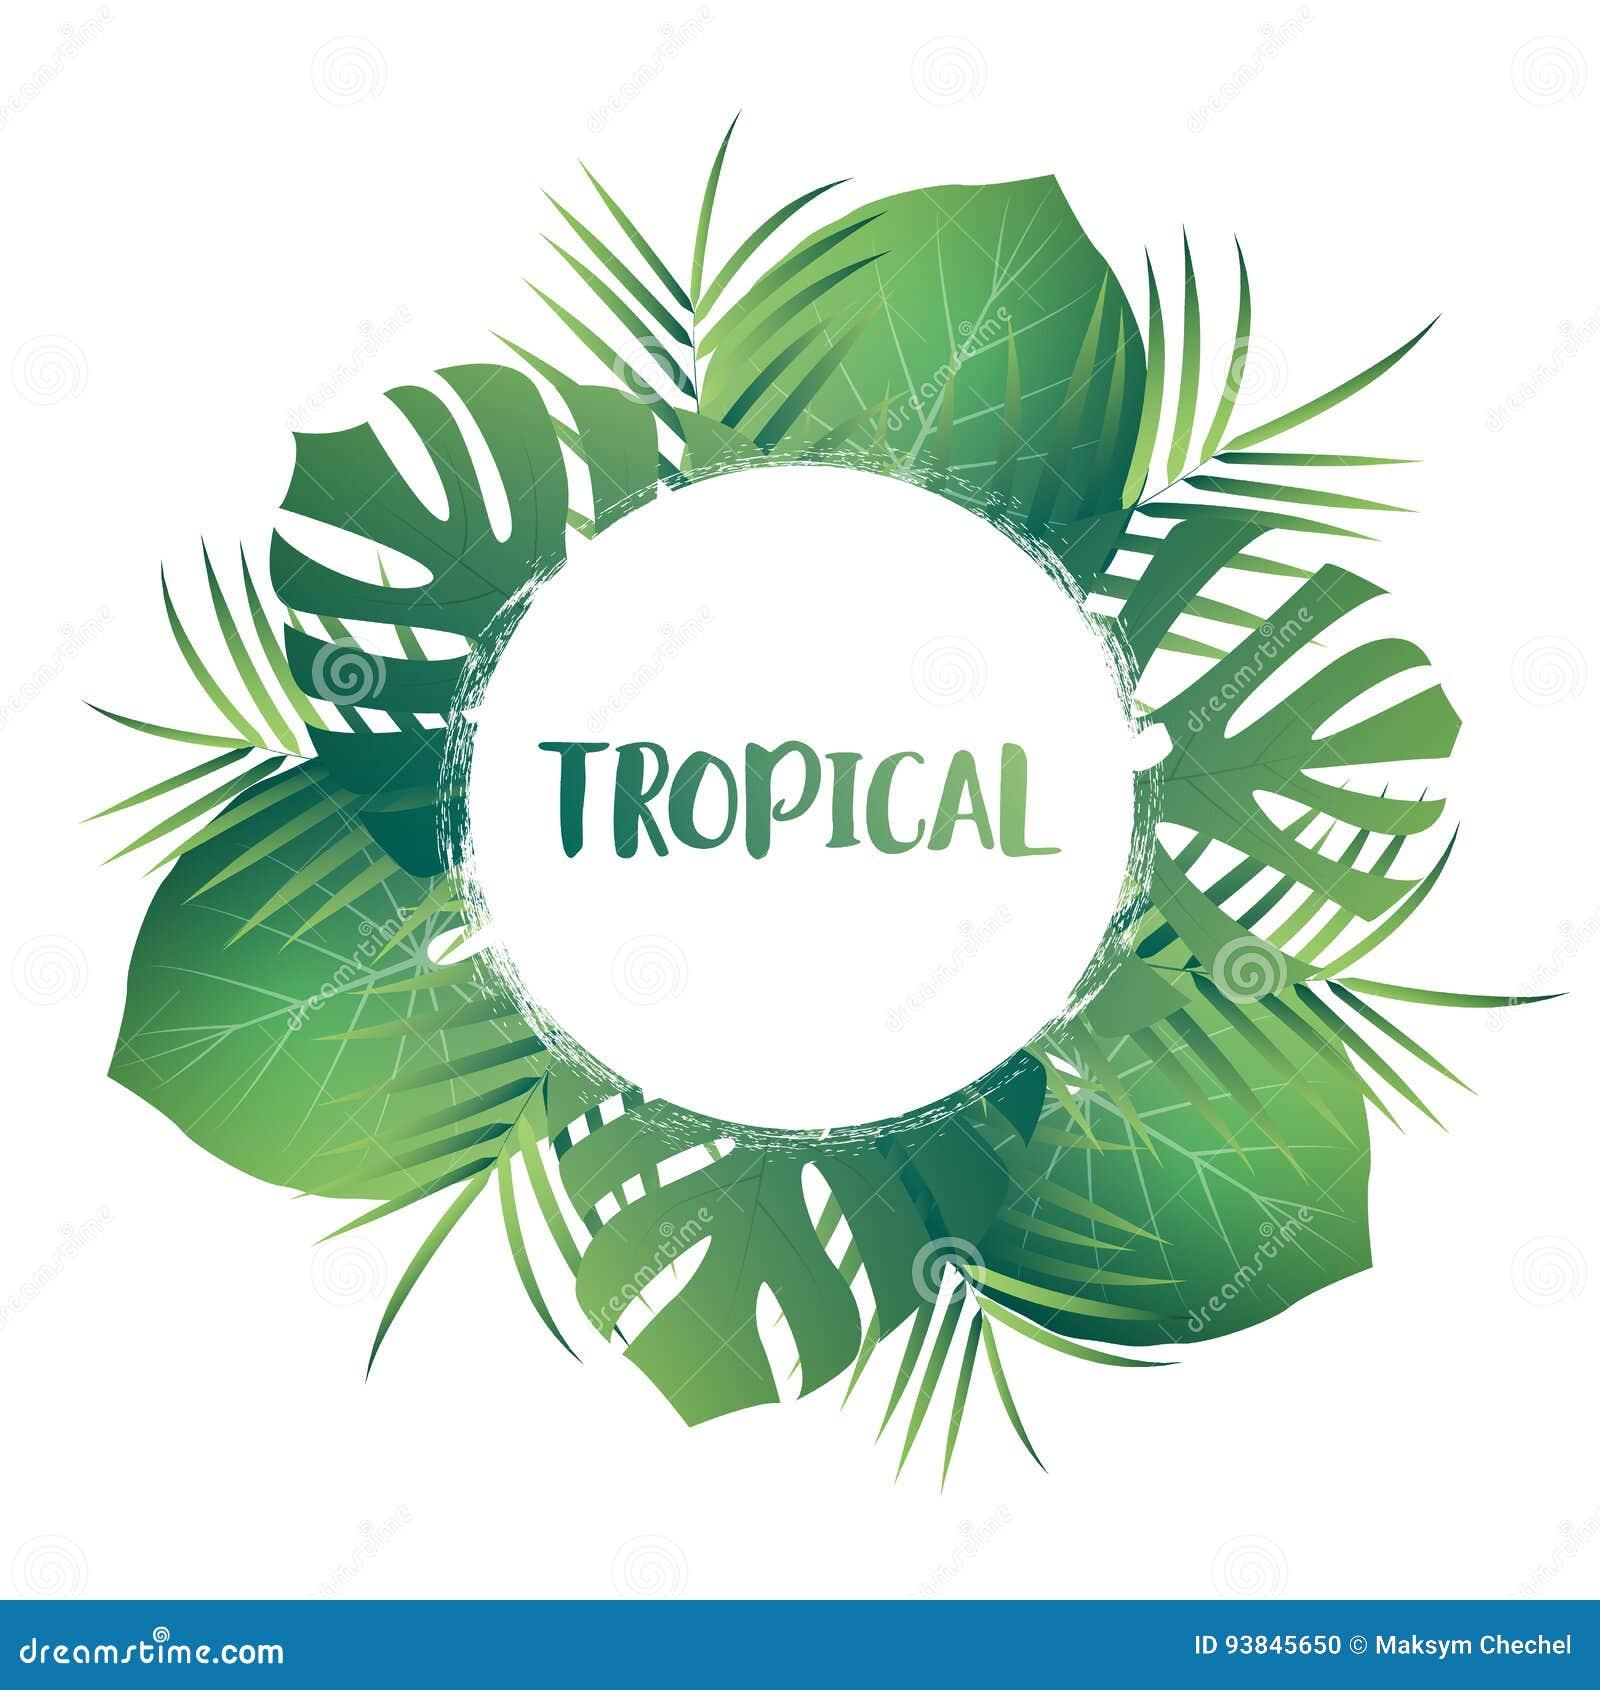 Tropical palm leaves vector exotic leaves tropic card template tropical palm leaves vector exotic leaves tropic card template with jungle leaves toneelgroepblik Images